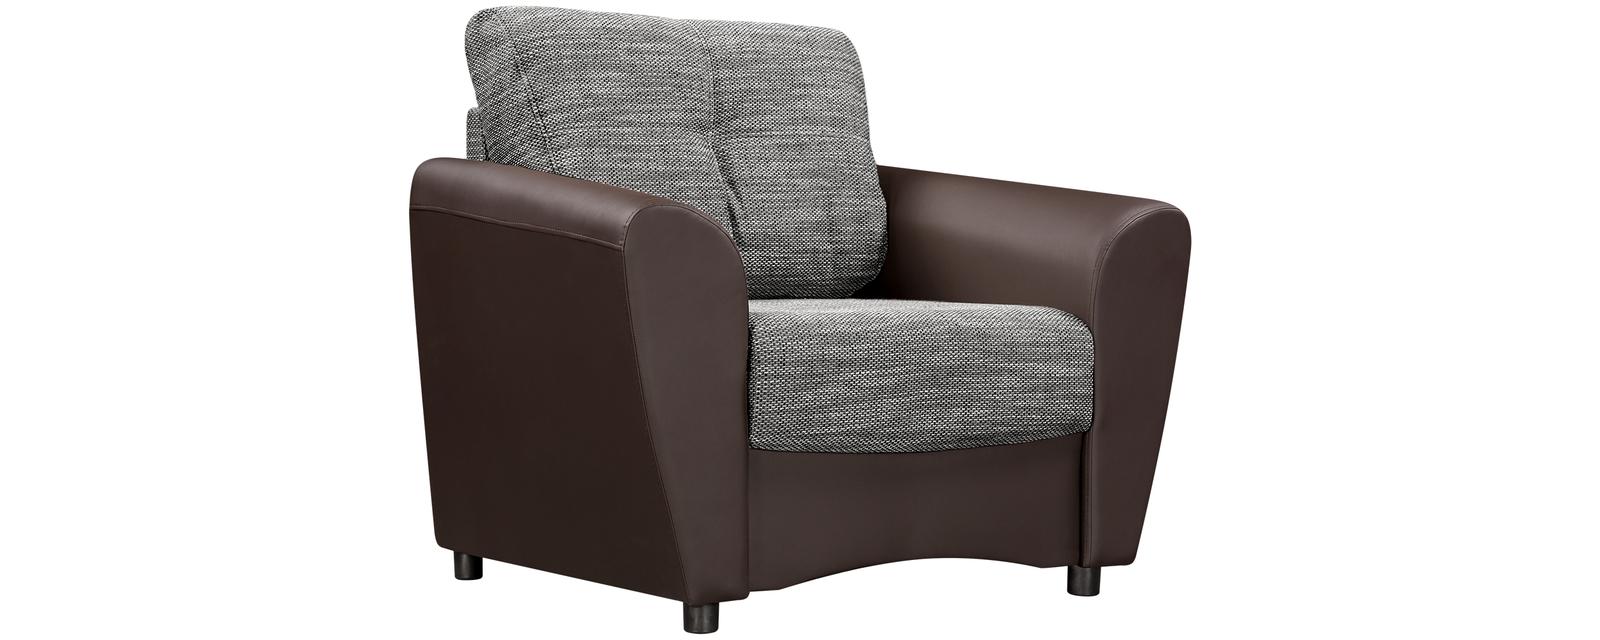 Кресло тканевое Амстердам Sola серый (Ткань + Экокожа)